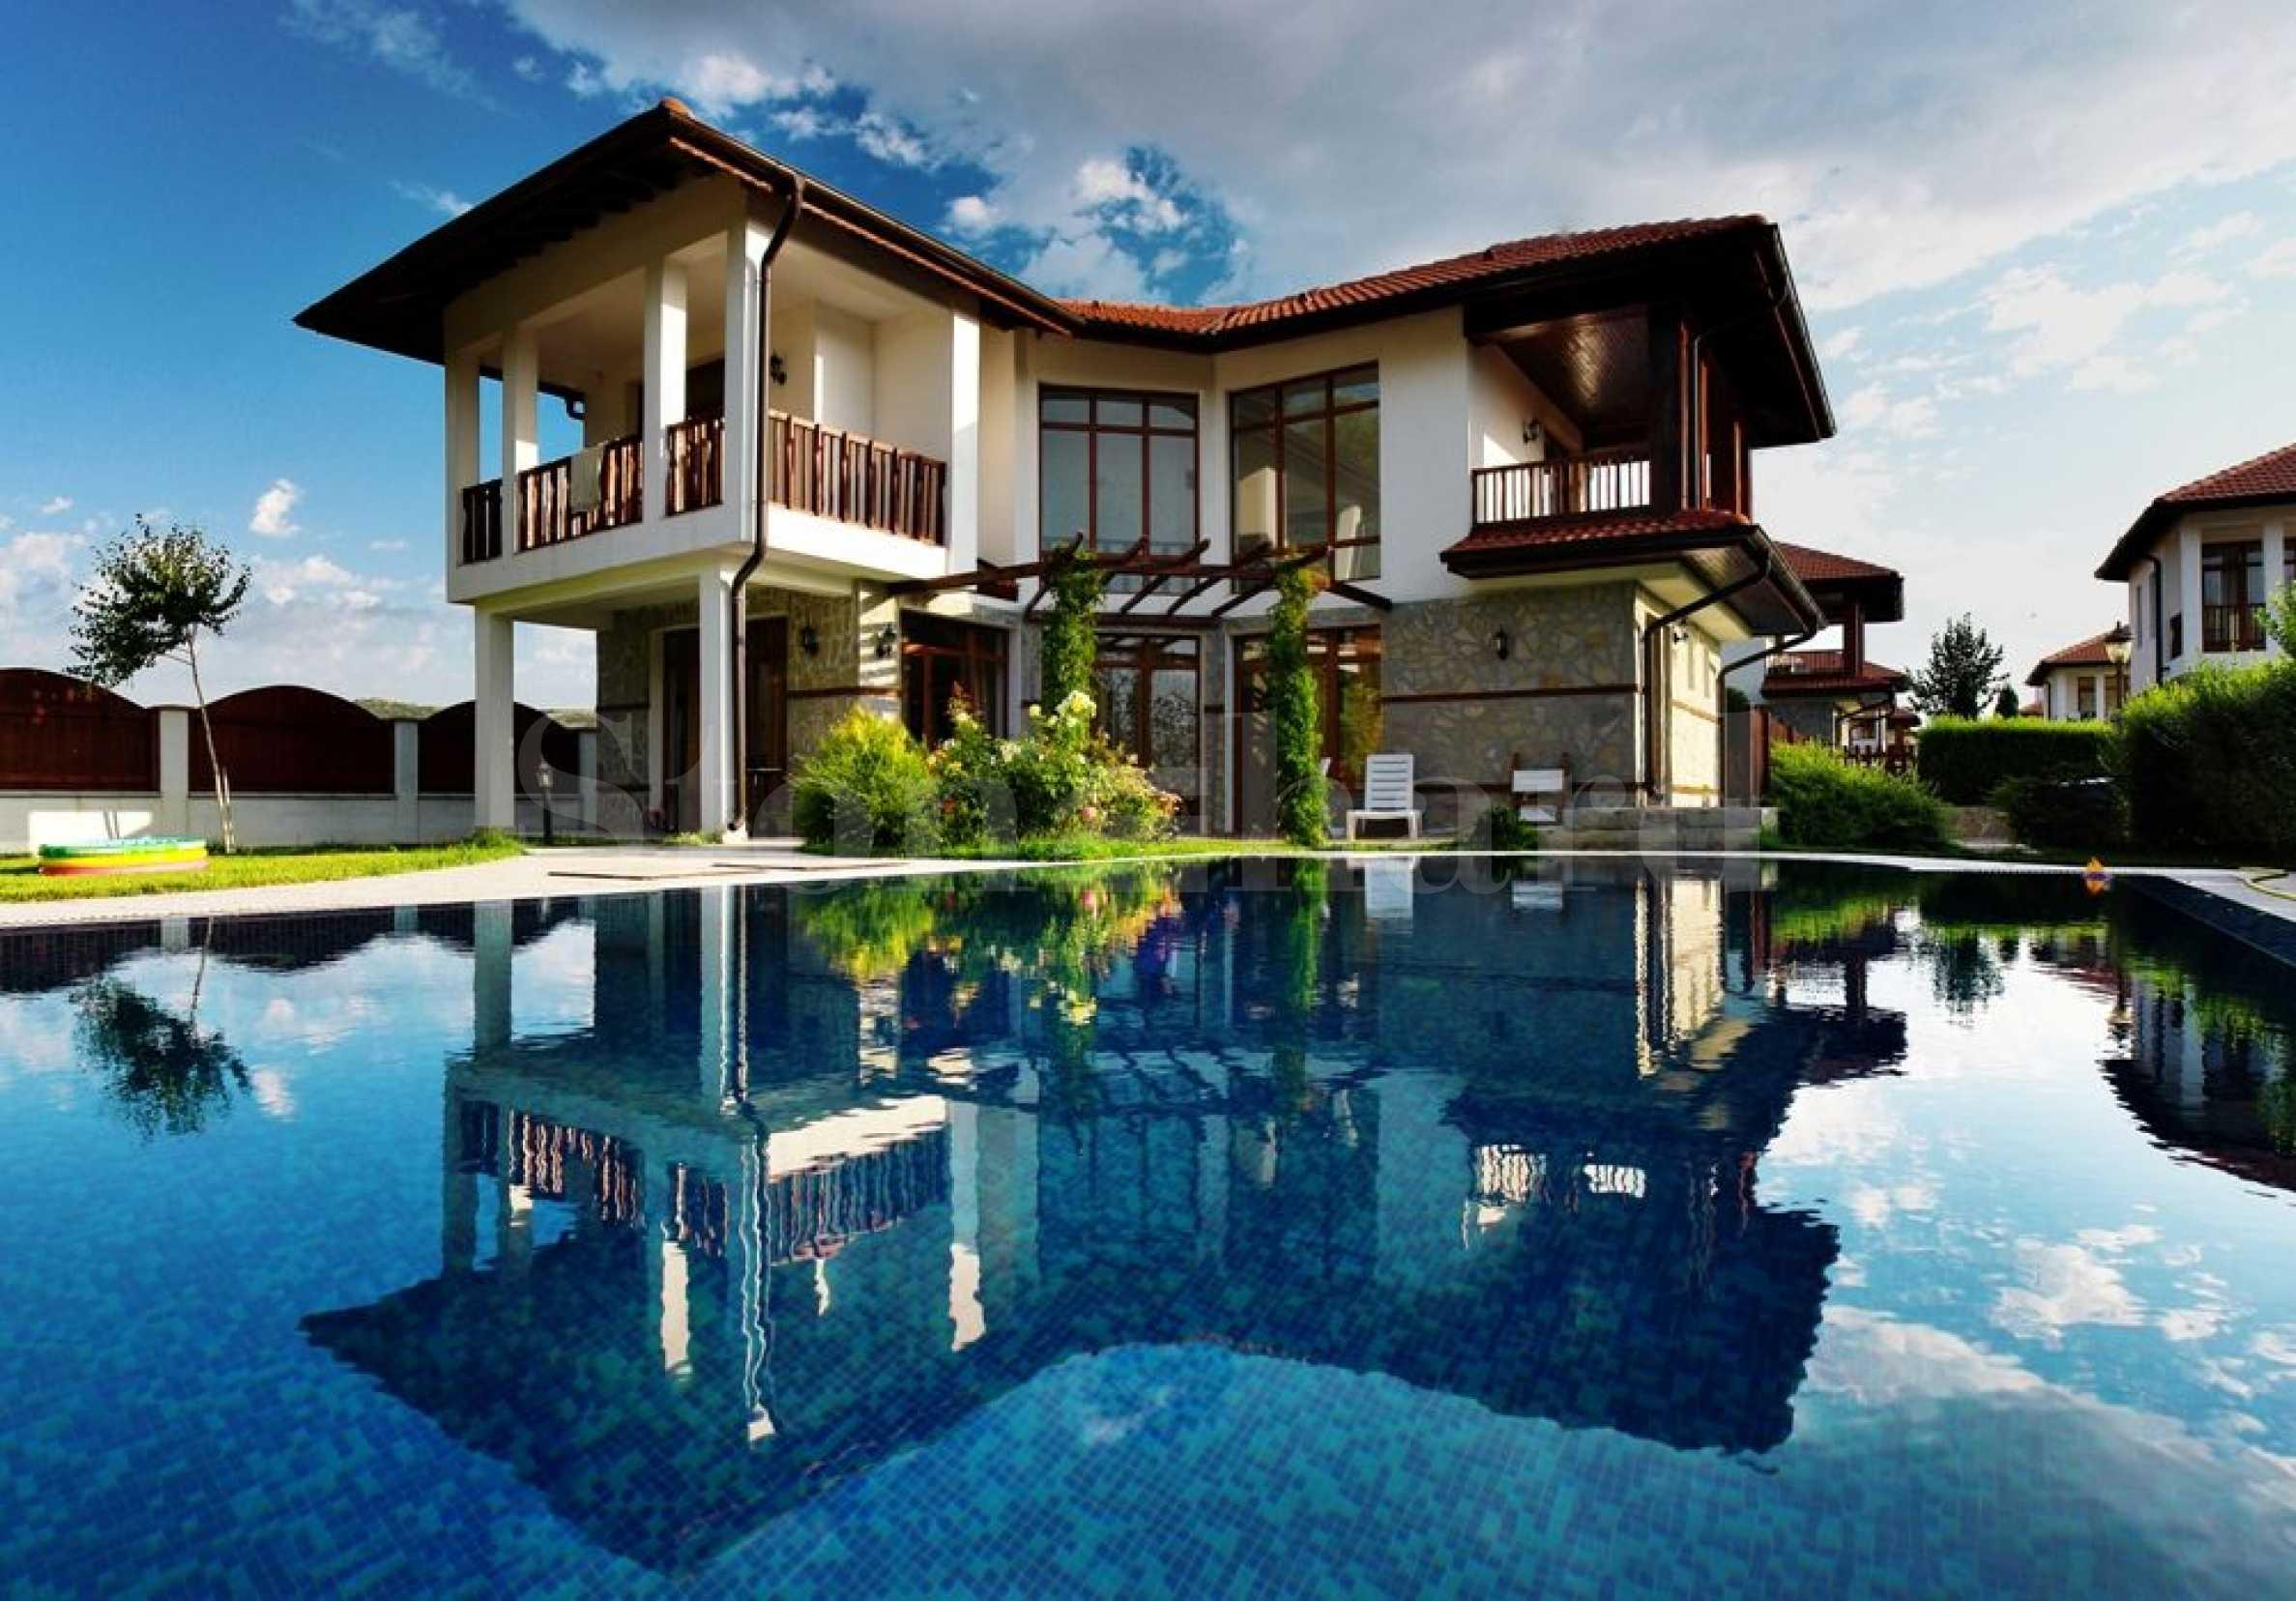 Къщи с басейни и градини в еко района до морските курорти1 - Stonehard